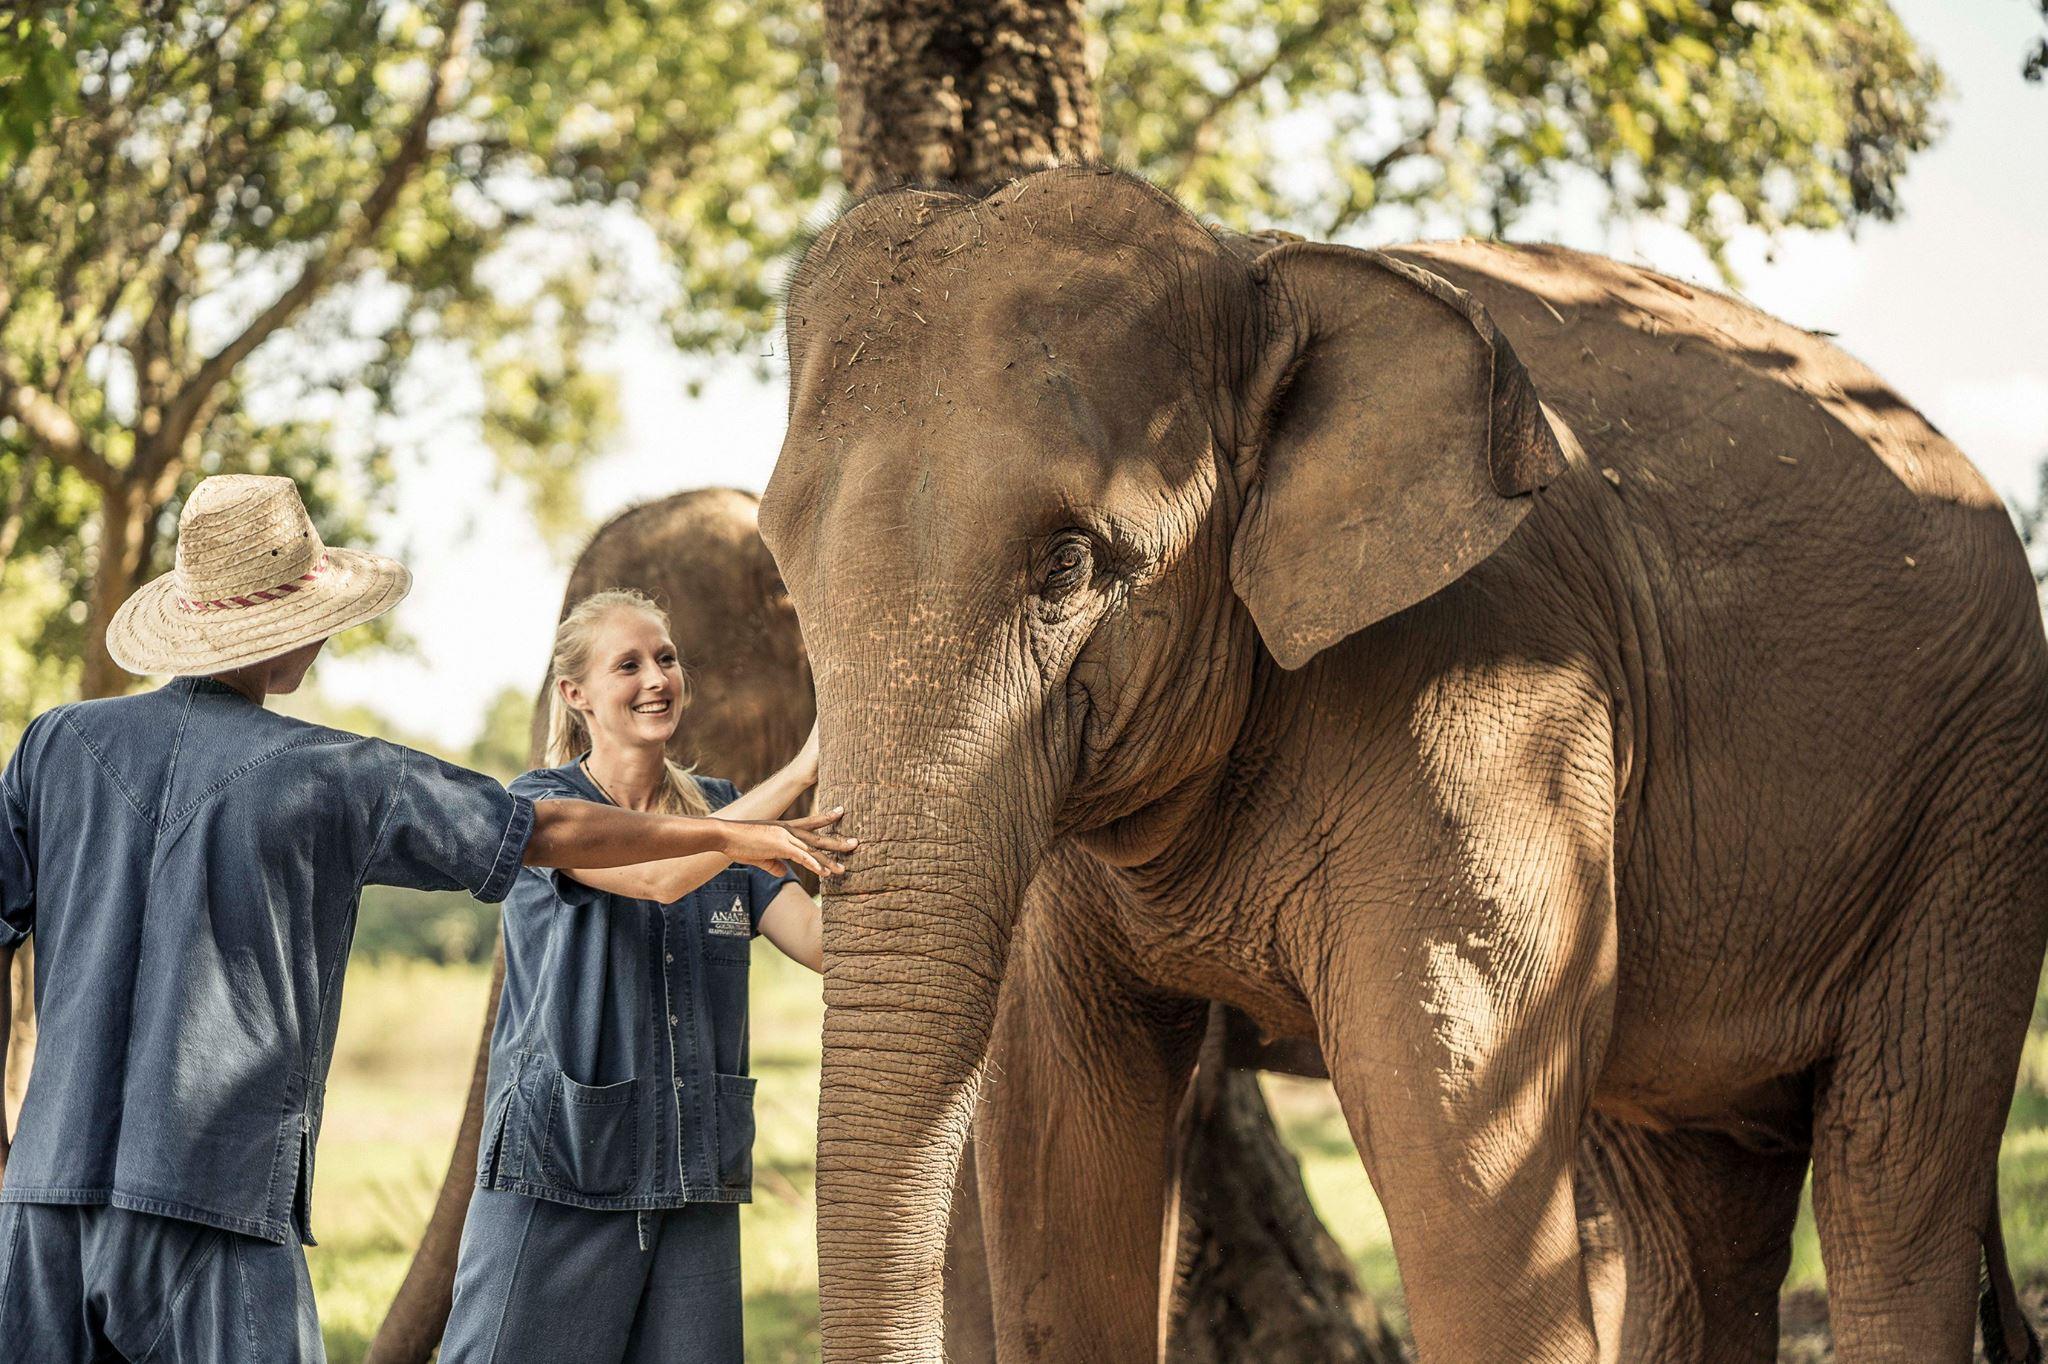 An elephant experience at the Anantara Golden Triangle Elephant Camp & Resort. Photo: Anantara